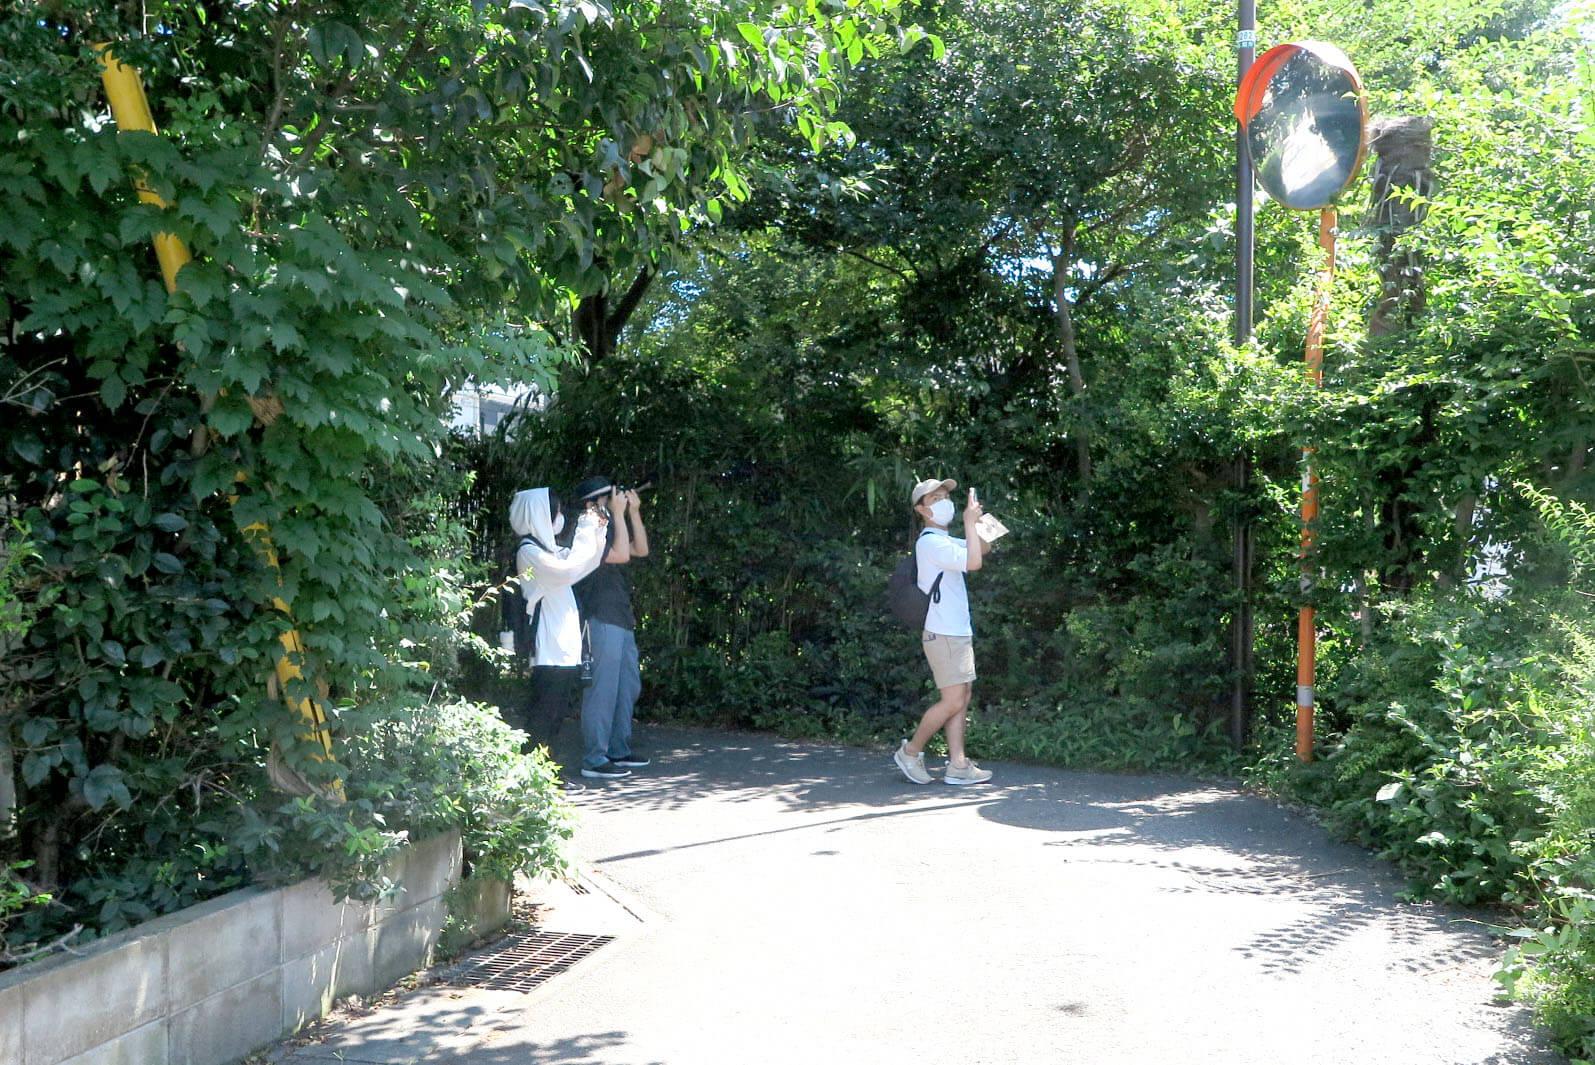 ローカルWEBメディア・地域サイト 草加ローカルストーリー 草加カメラ部 草加レポート 緑のトンネル